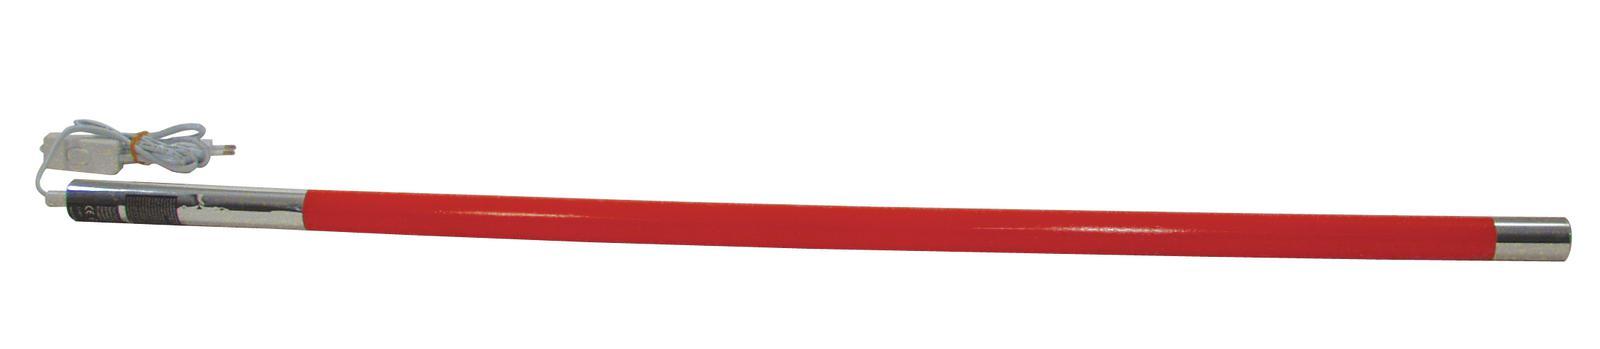 EUROLITE Leuchtstab T5 20W 105cm rot